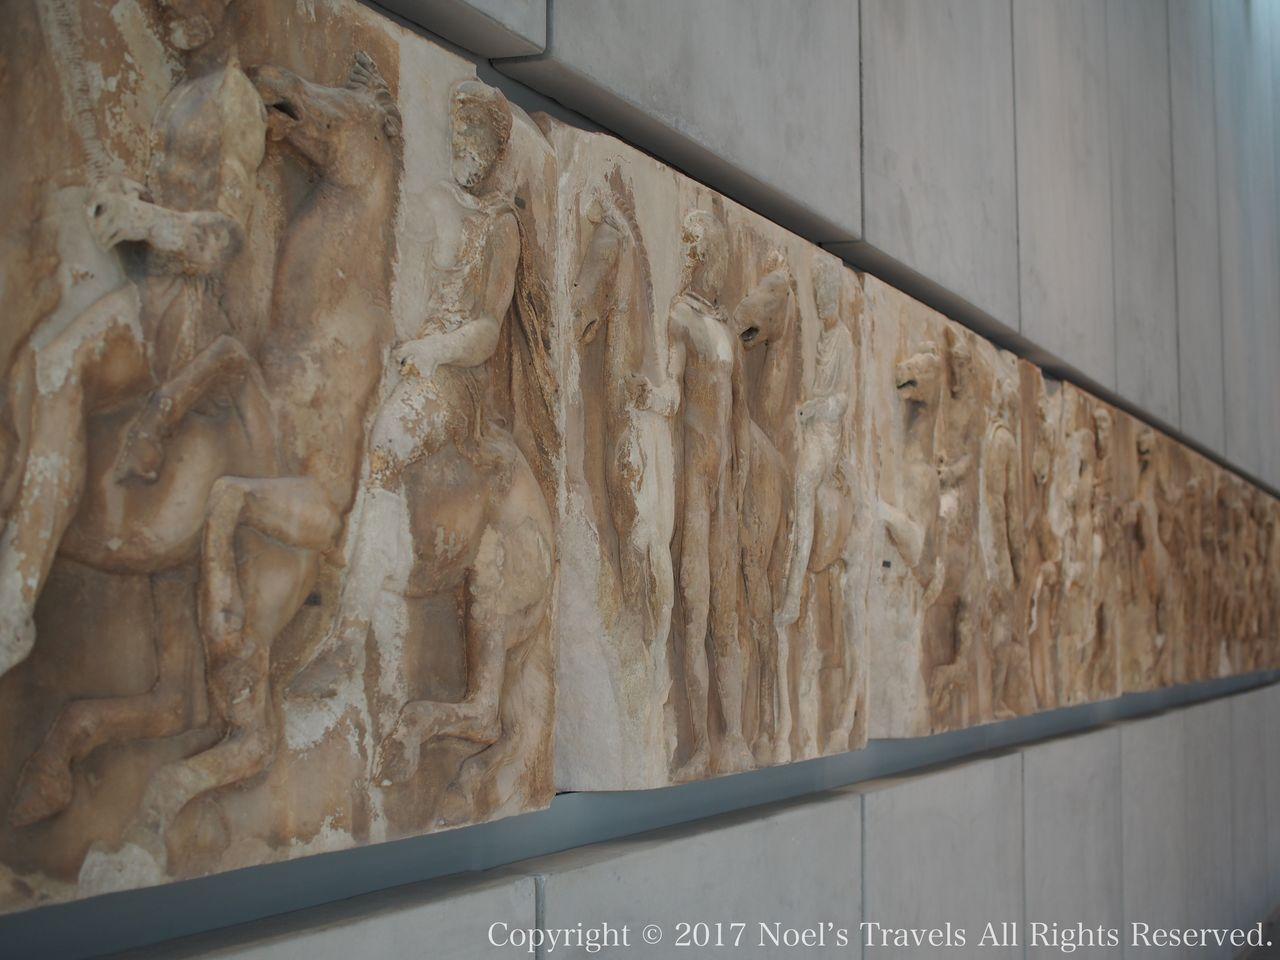 アクロポリス博物館のパルテノン・ギャラリー